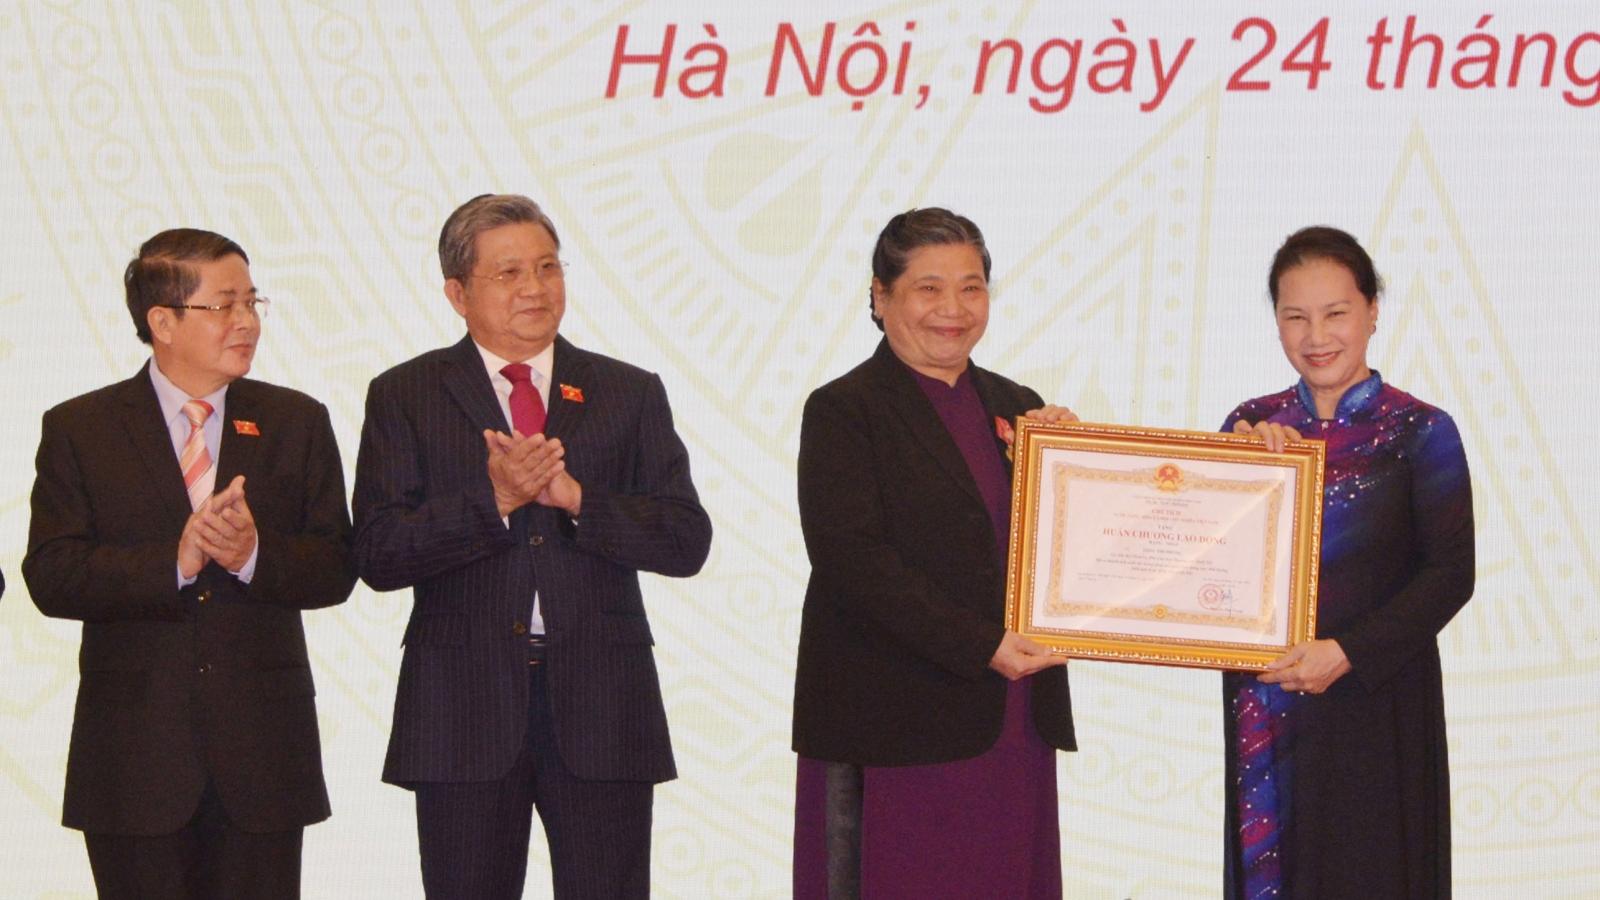 Chủ tịch Quốc hội dự Lễ trao tặng Huân chương Lao động